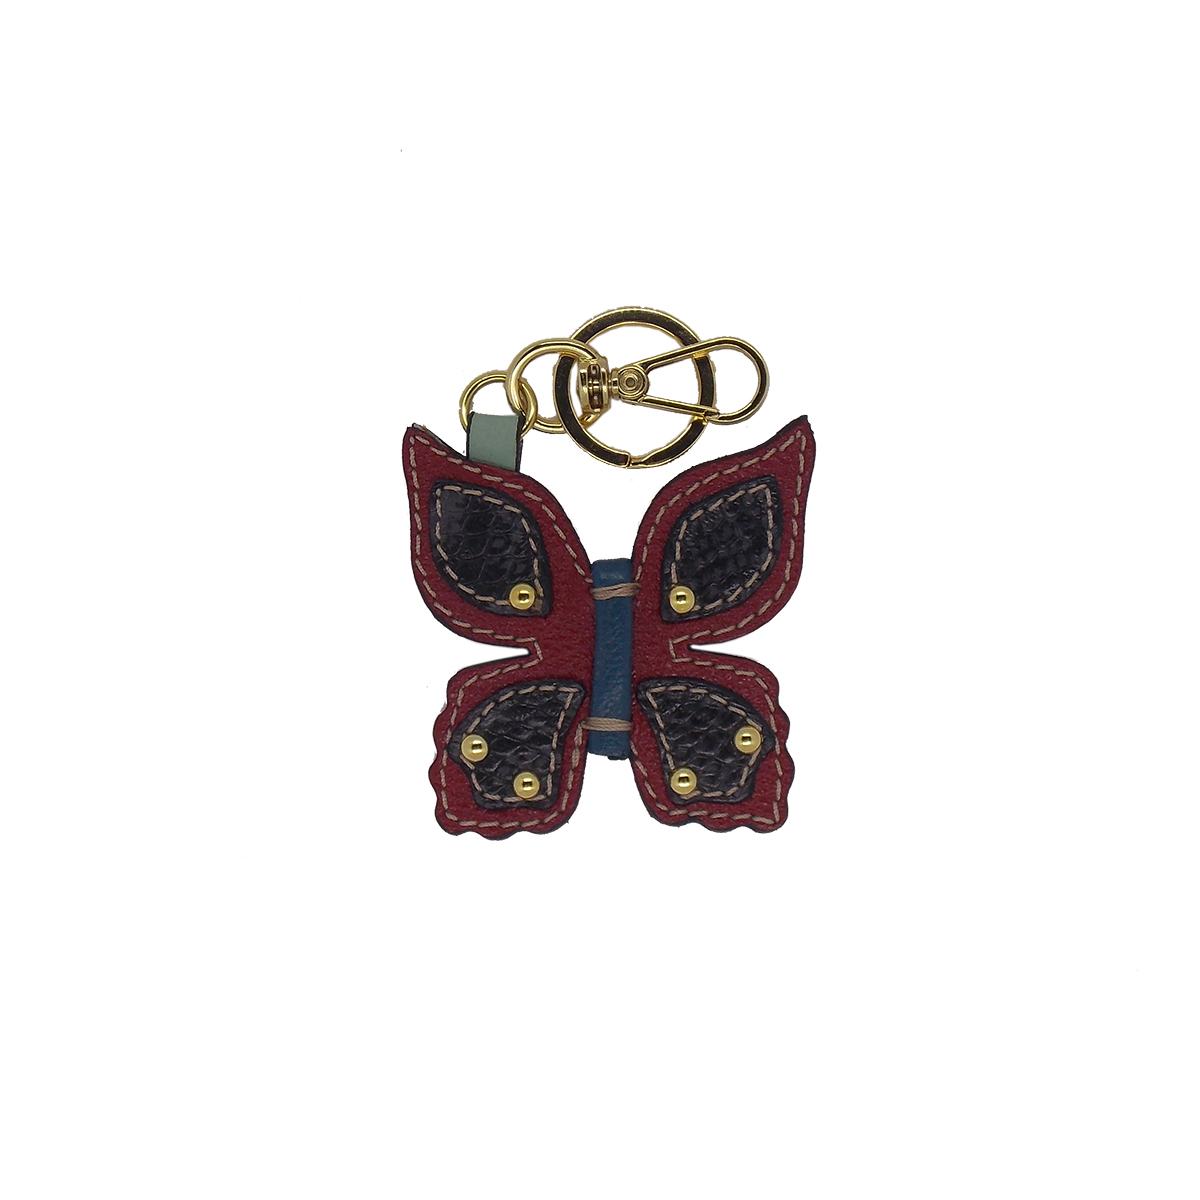 Chaveiro em formato de Borboleta Feito à Mão em Couro Legtimo Vermelho  Colatto